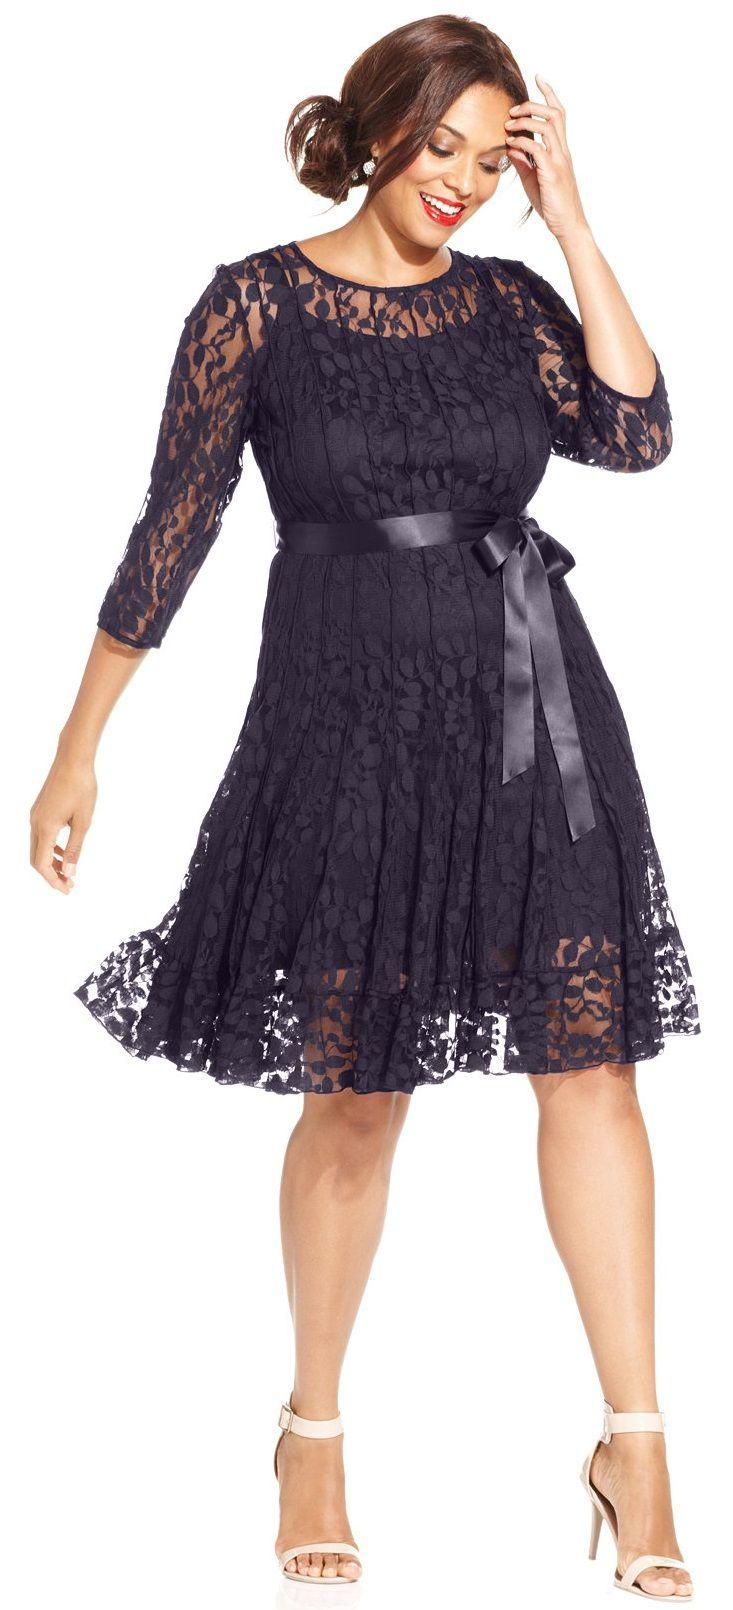 best 25+ plus size lace dress ideas on pinterest | plus size